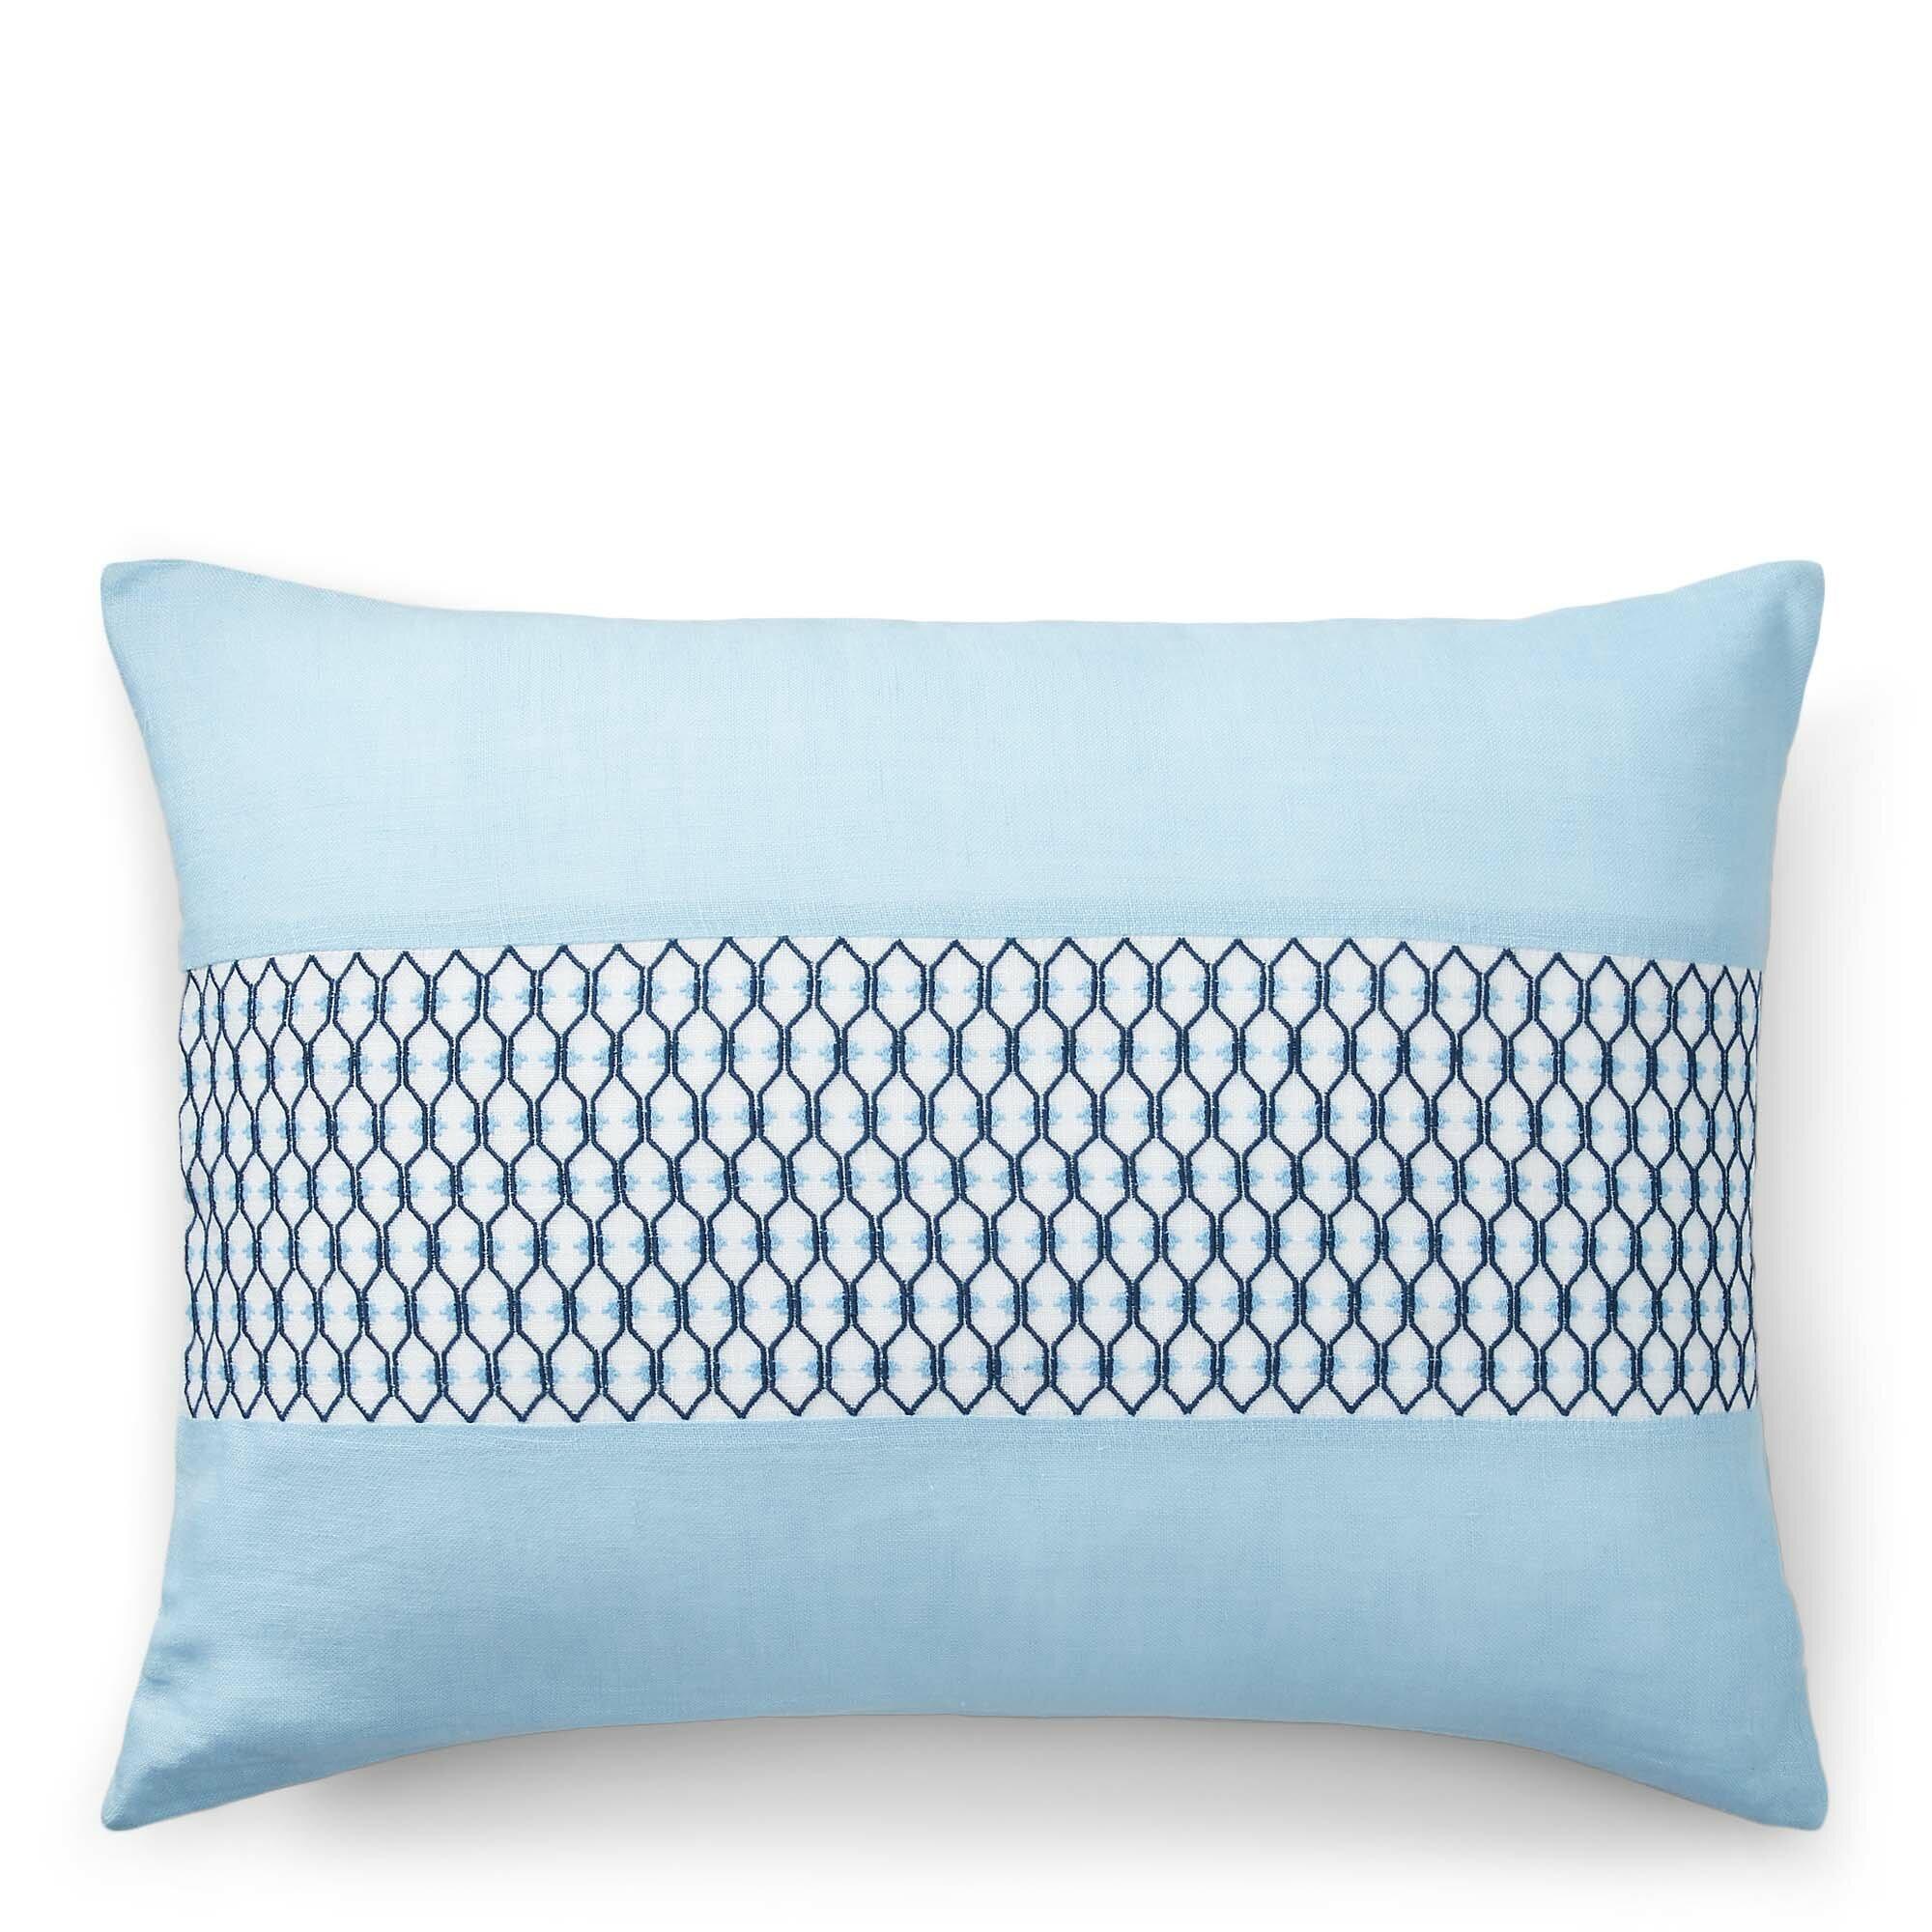 Lauren Ralph Lauren Joanna Cotton Geometric Lumbar Pillow Cover Wayfair